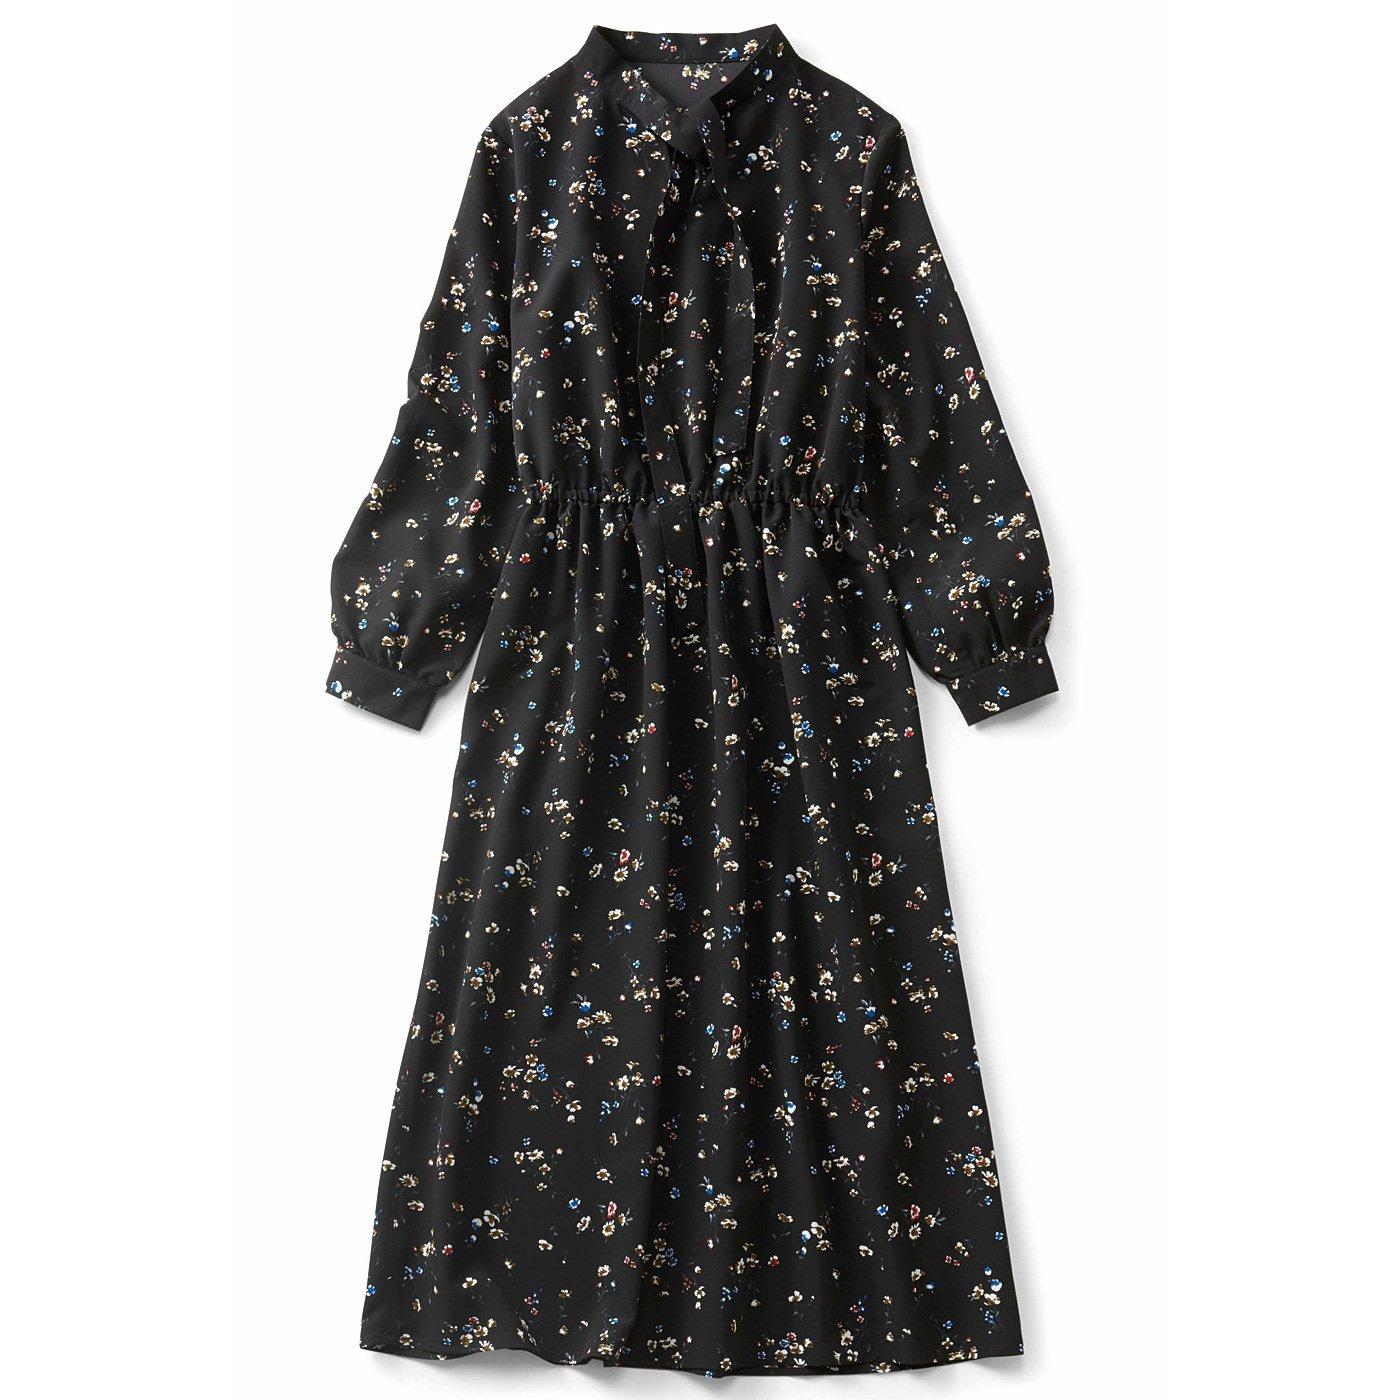 IEDIT[イディット] ボウタイ衿のフラワープリントワンピース〈ブラック〉